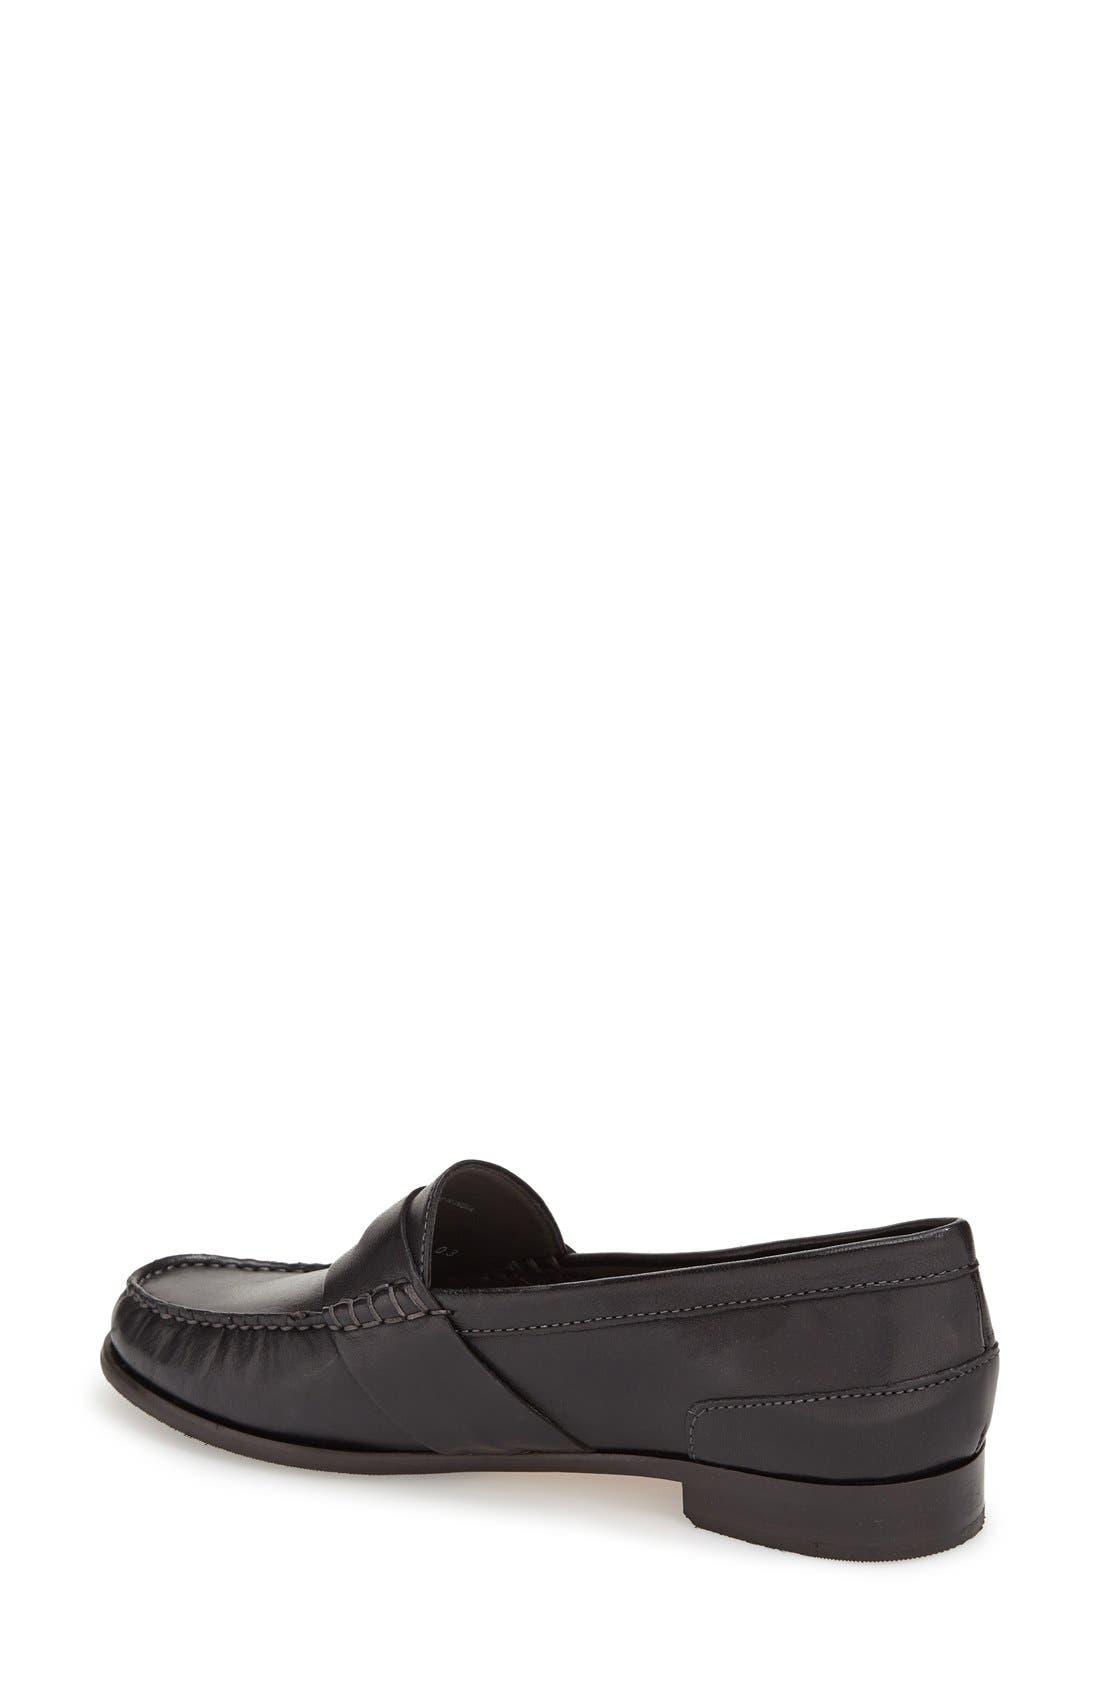 'Laurel' Moc Loafer,                             Alternate thumbnail 2, color,                             Black Leather